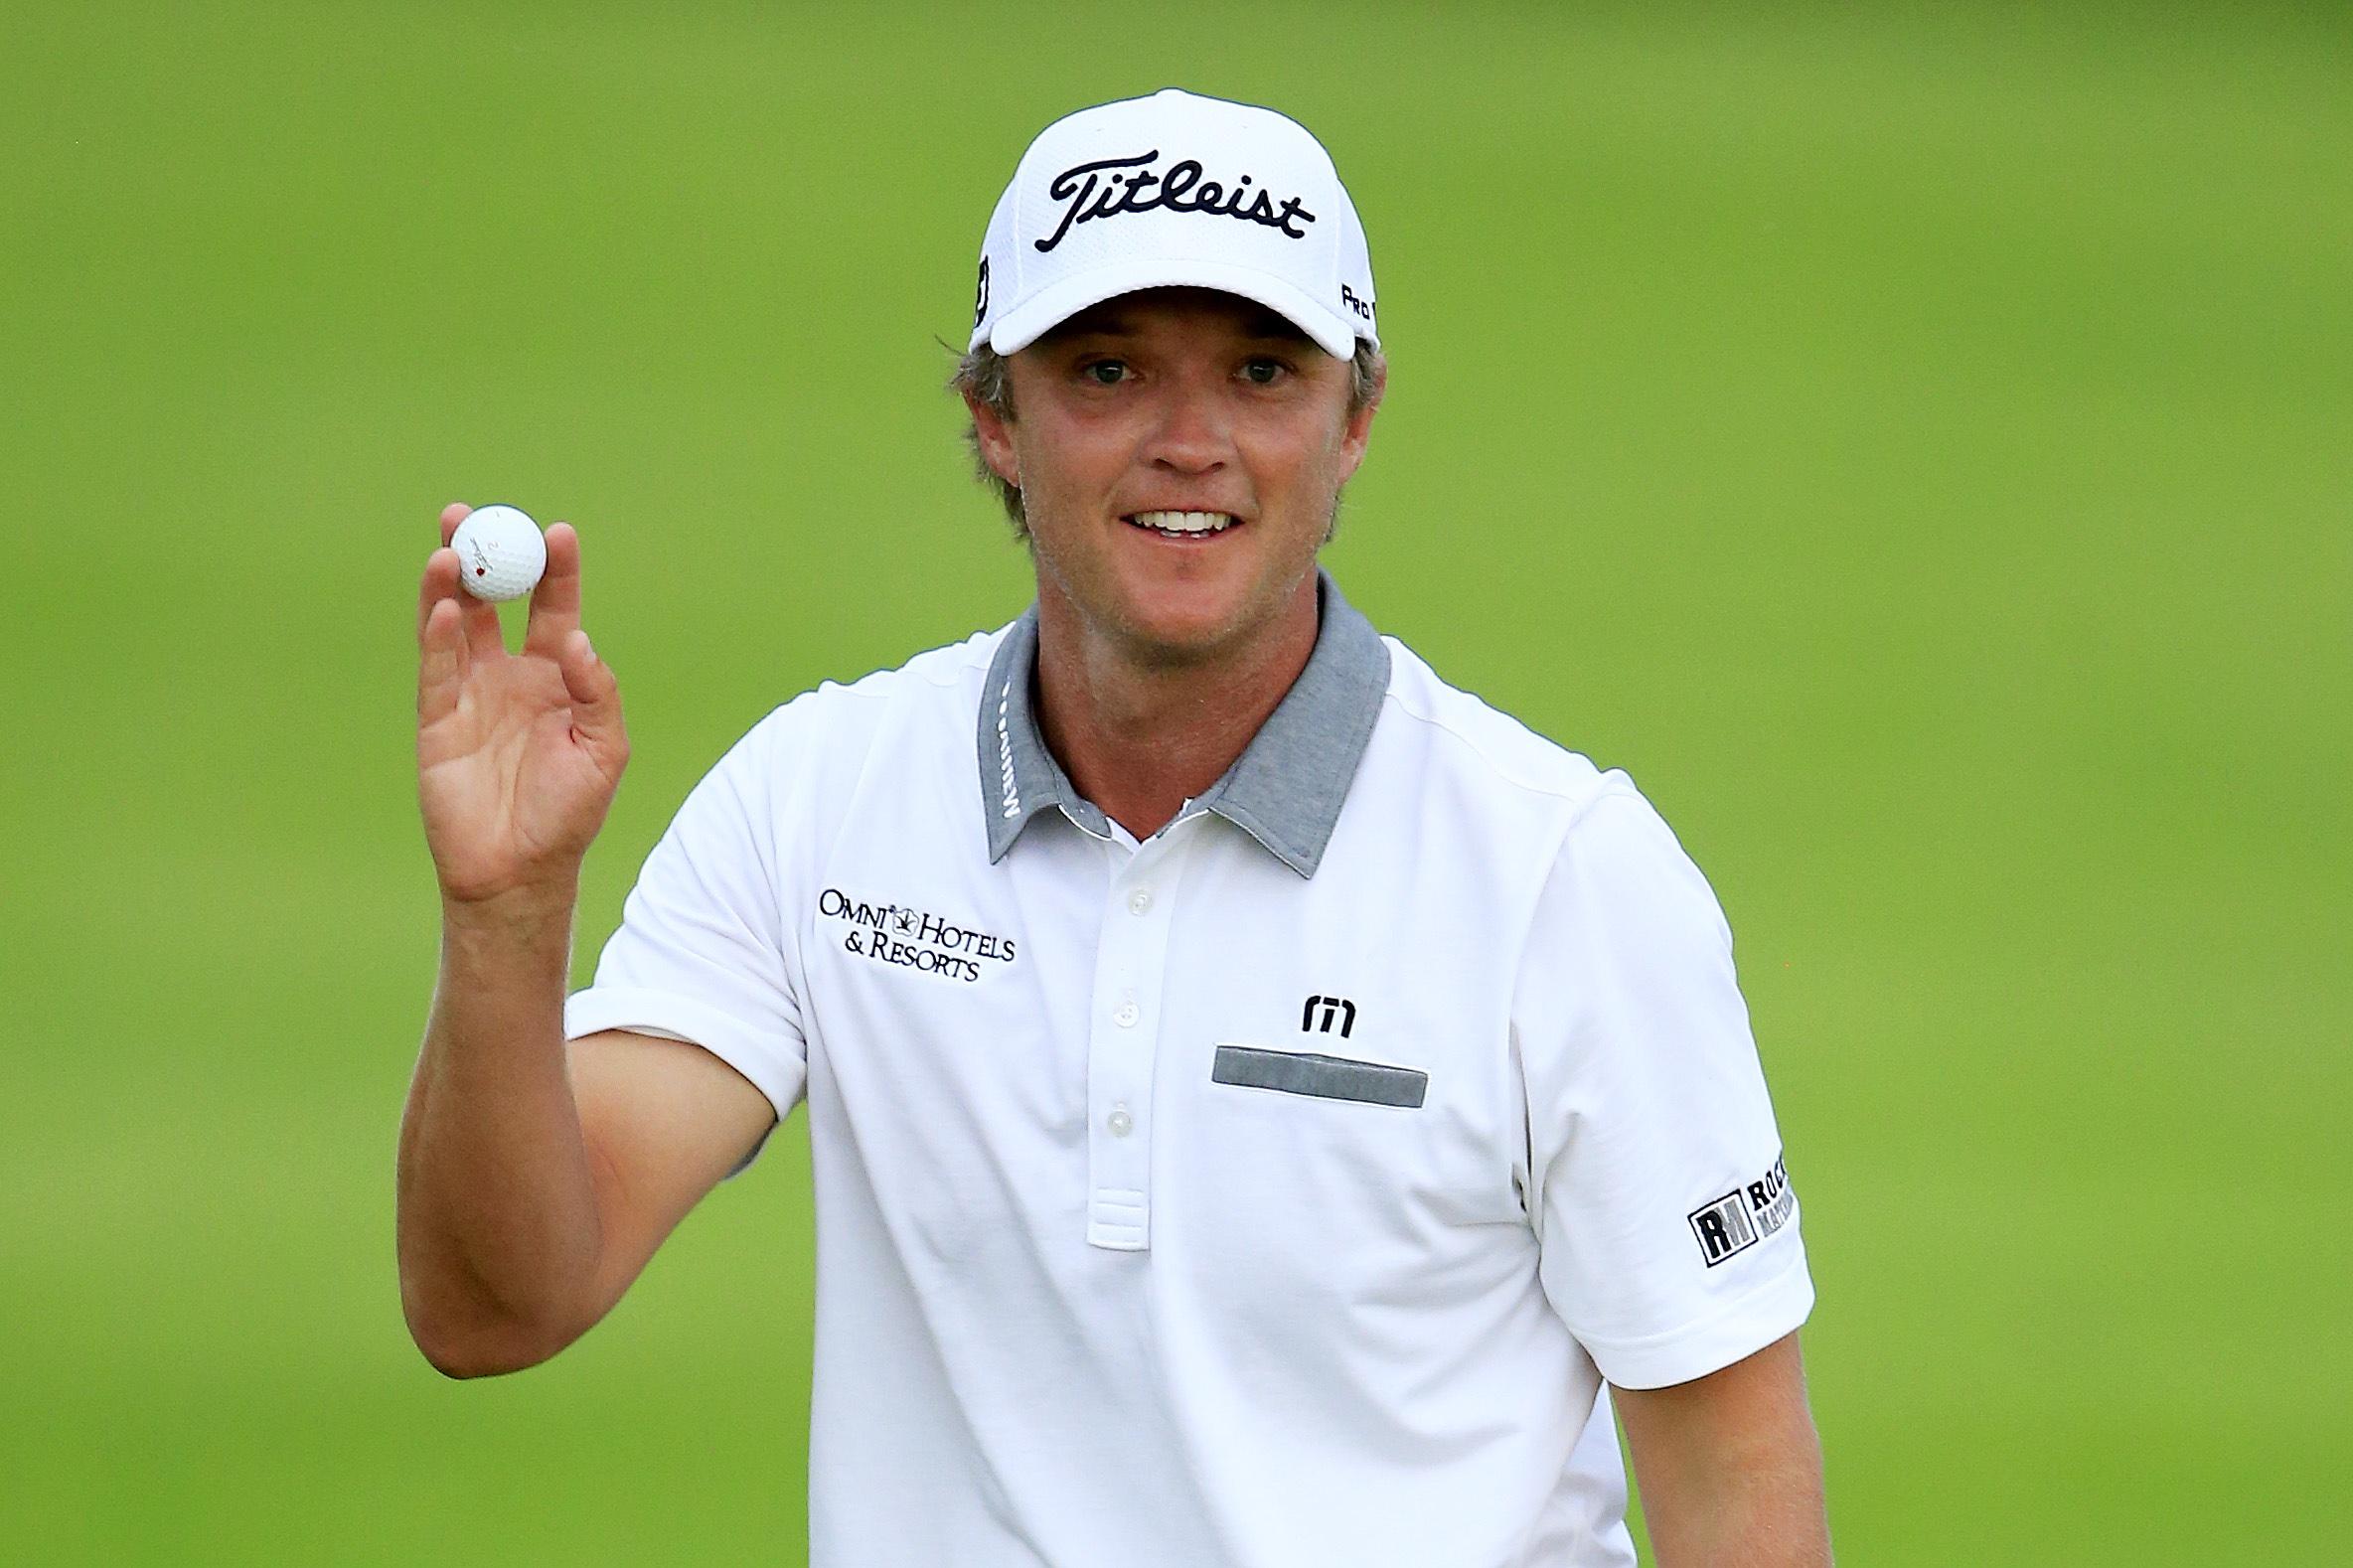 PGA GolfPunks: Matt Jones